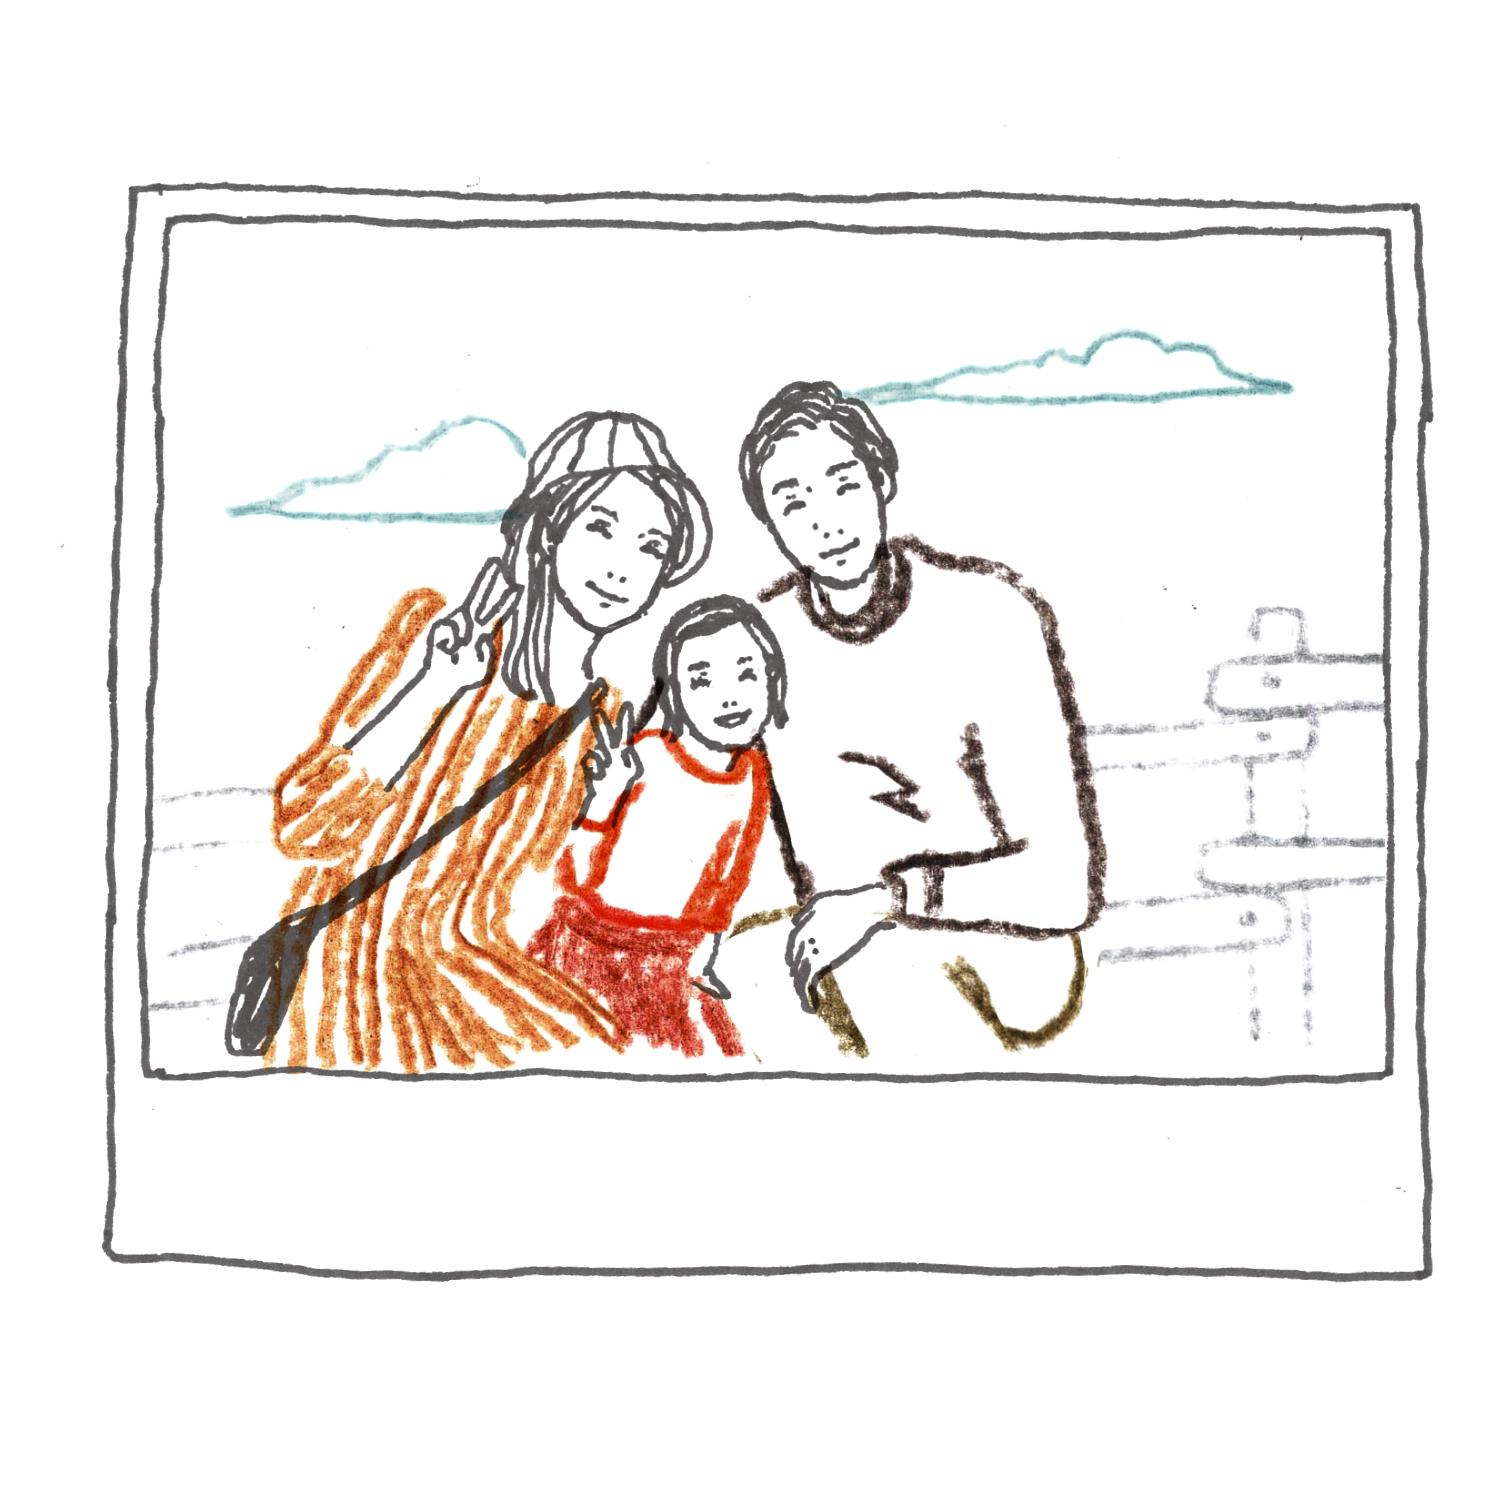 C:家族旅行